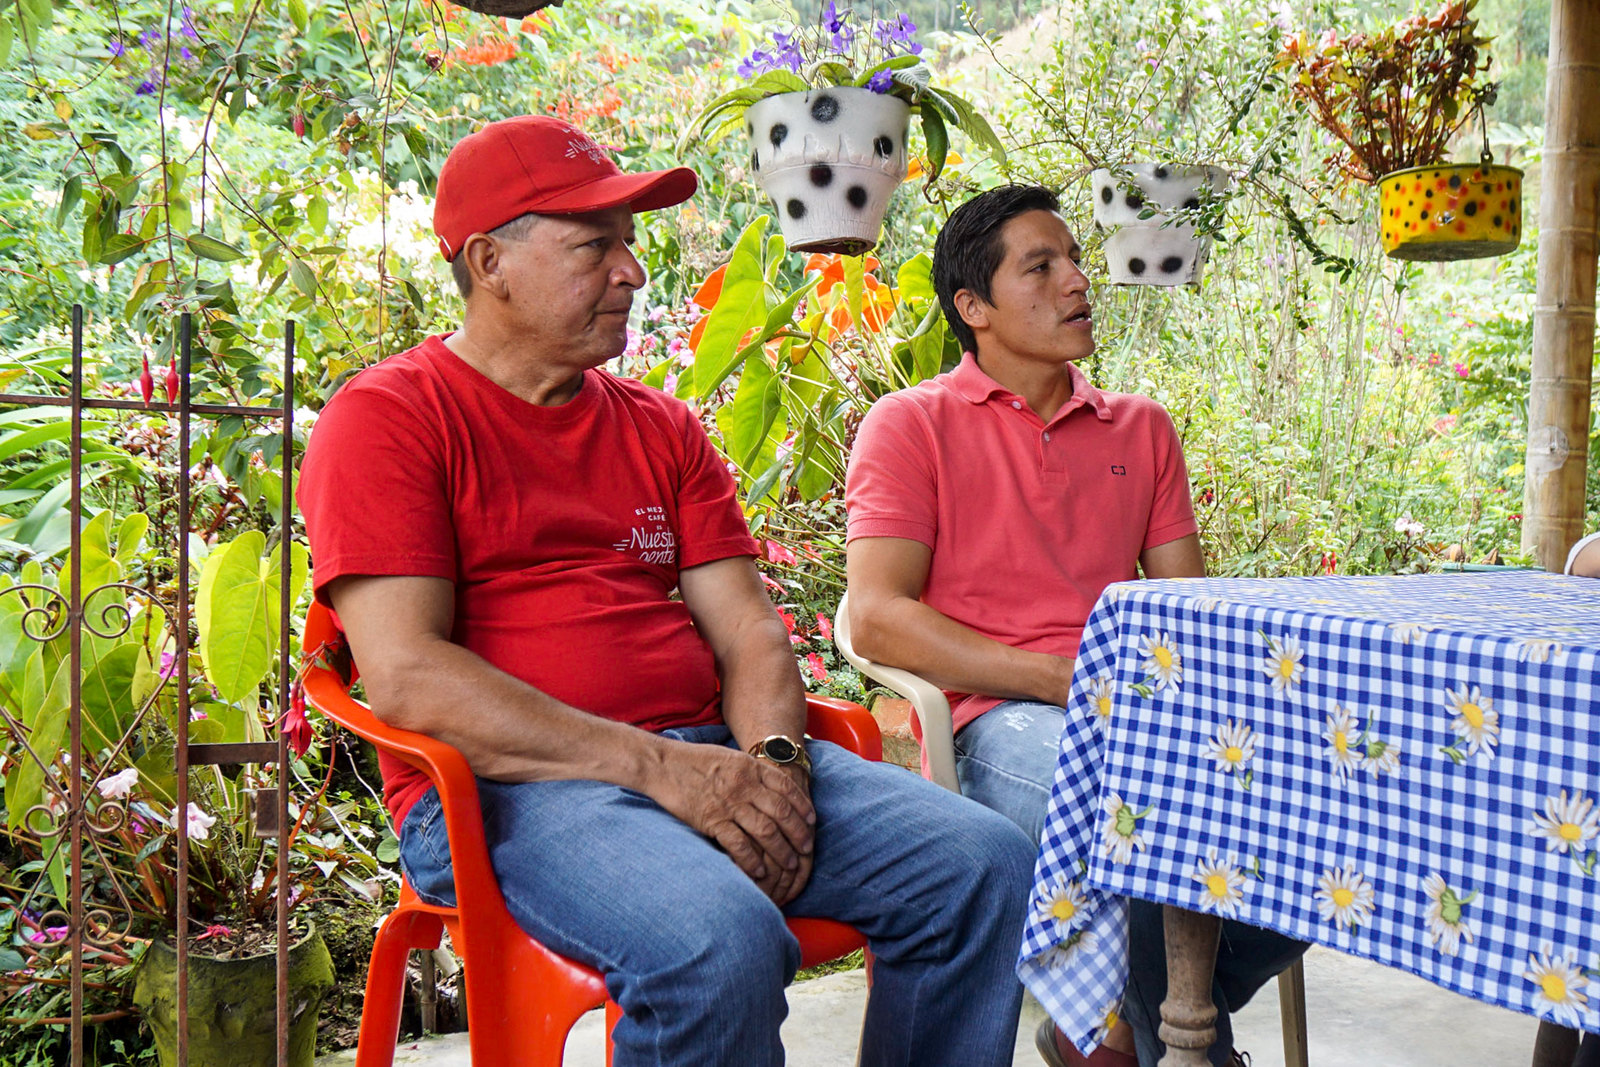 Jaime Casallas and his son Jaime Andrés Casallas